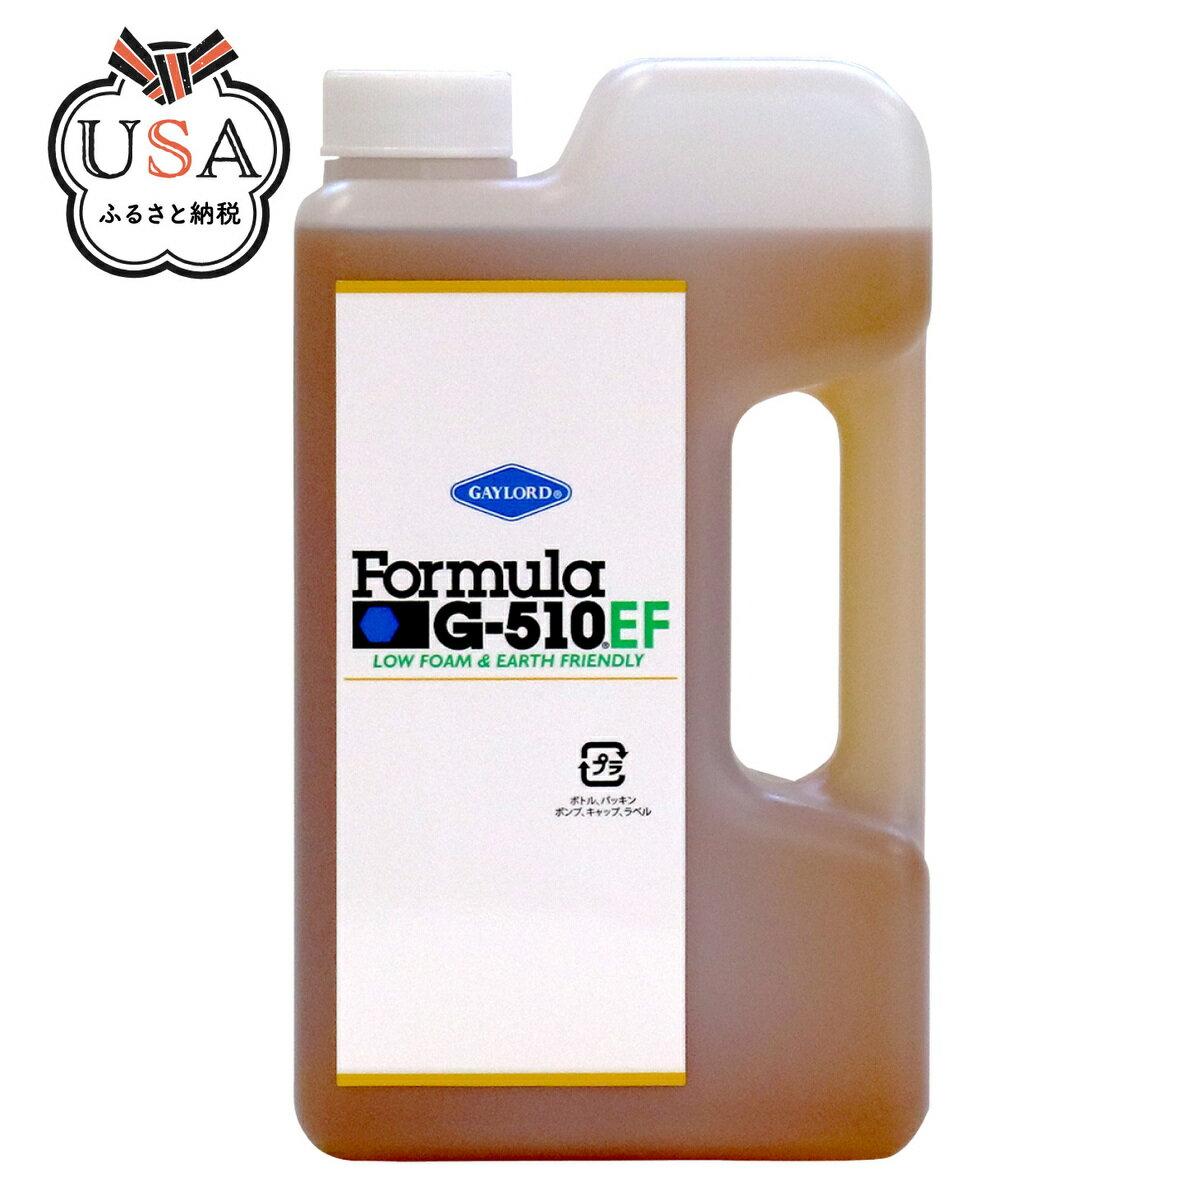 【ふるさと納税】Formula G-510EF 濃縮原液 1L 多目的洗剤 強力マルチクリーナー 1本 送料無料